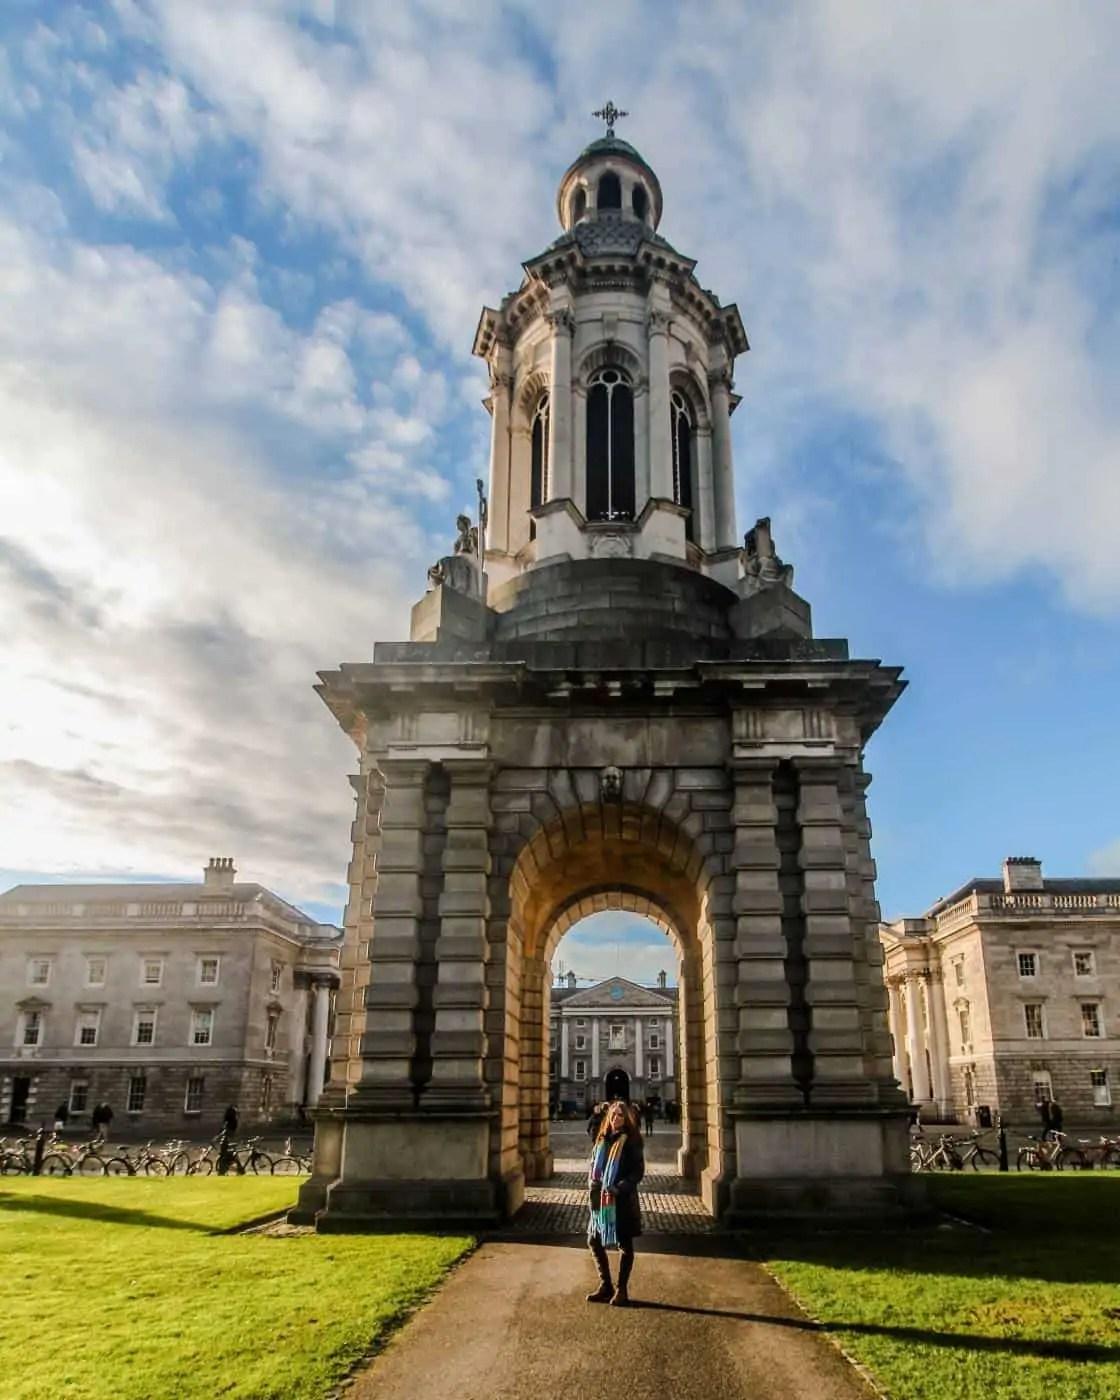 Iconic Trinity College